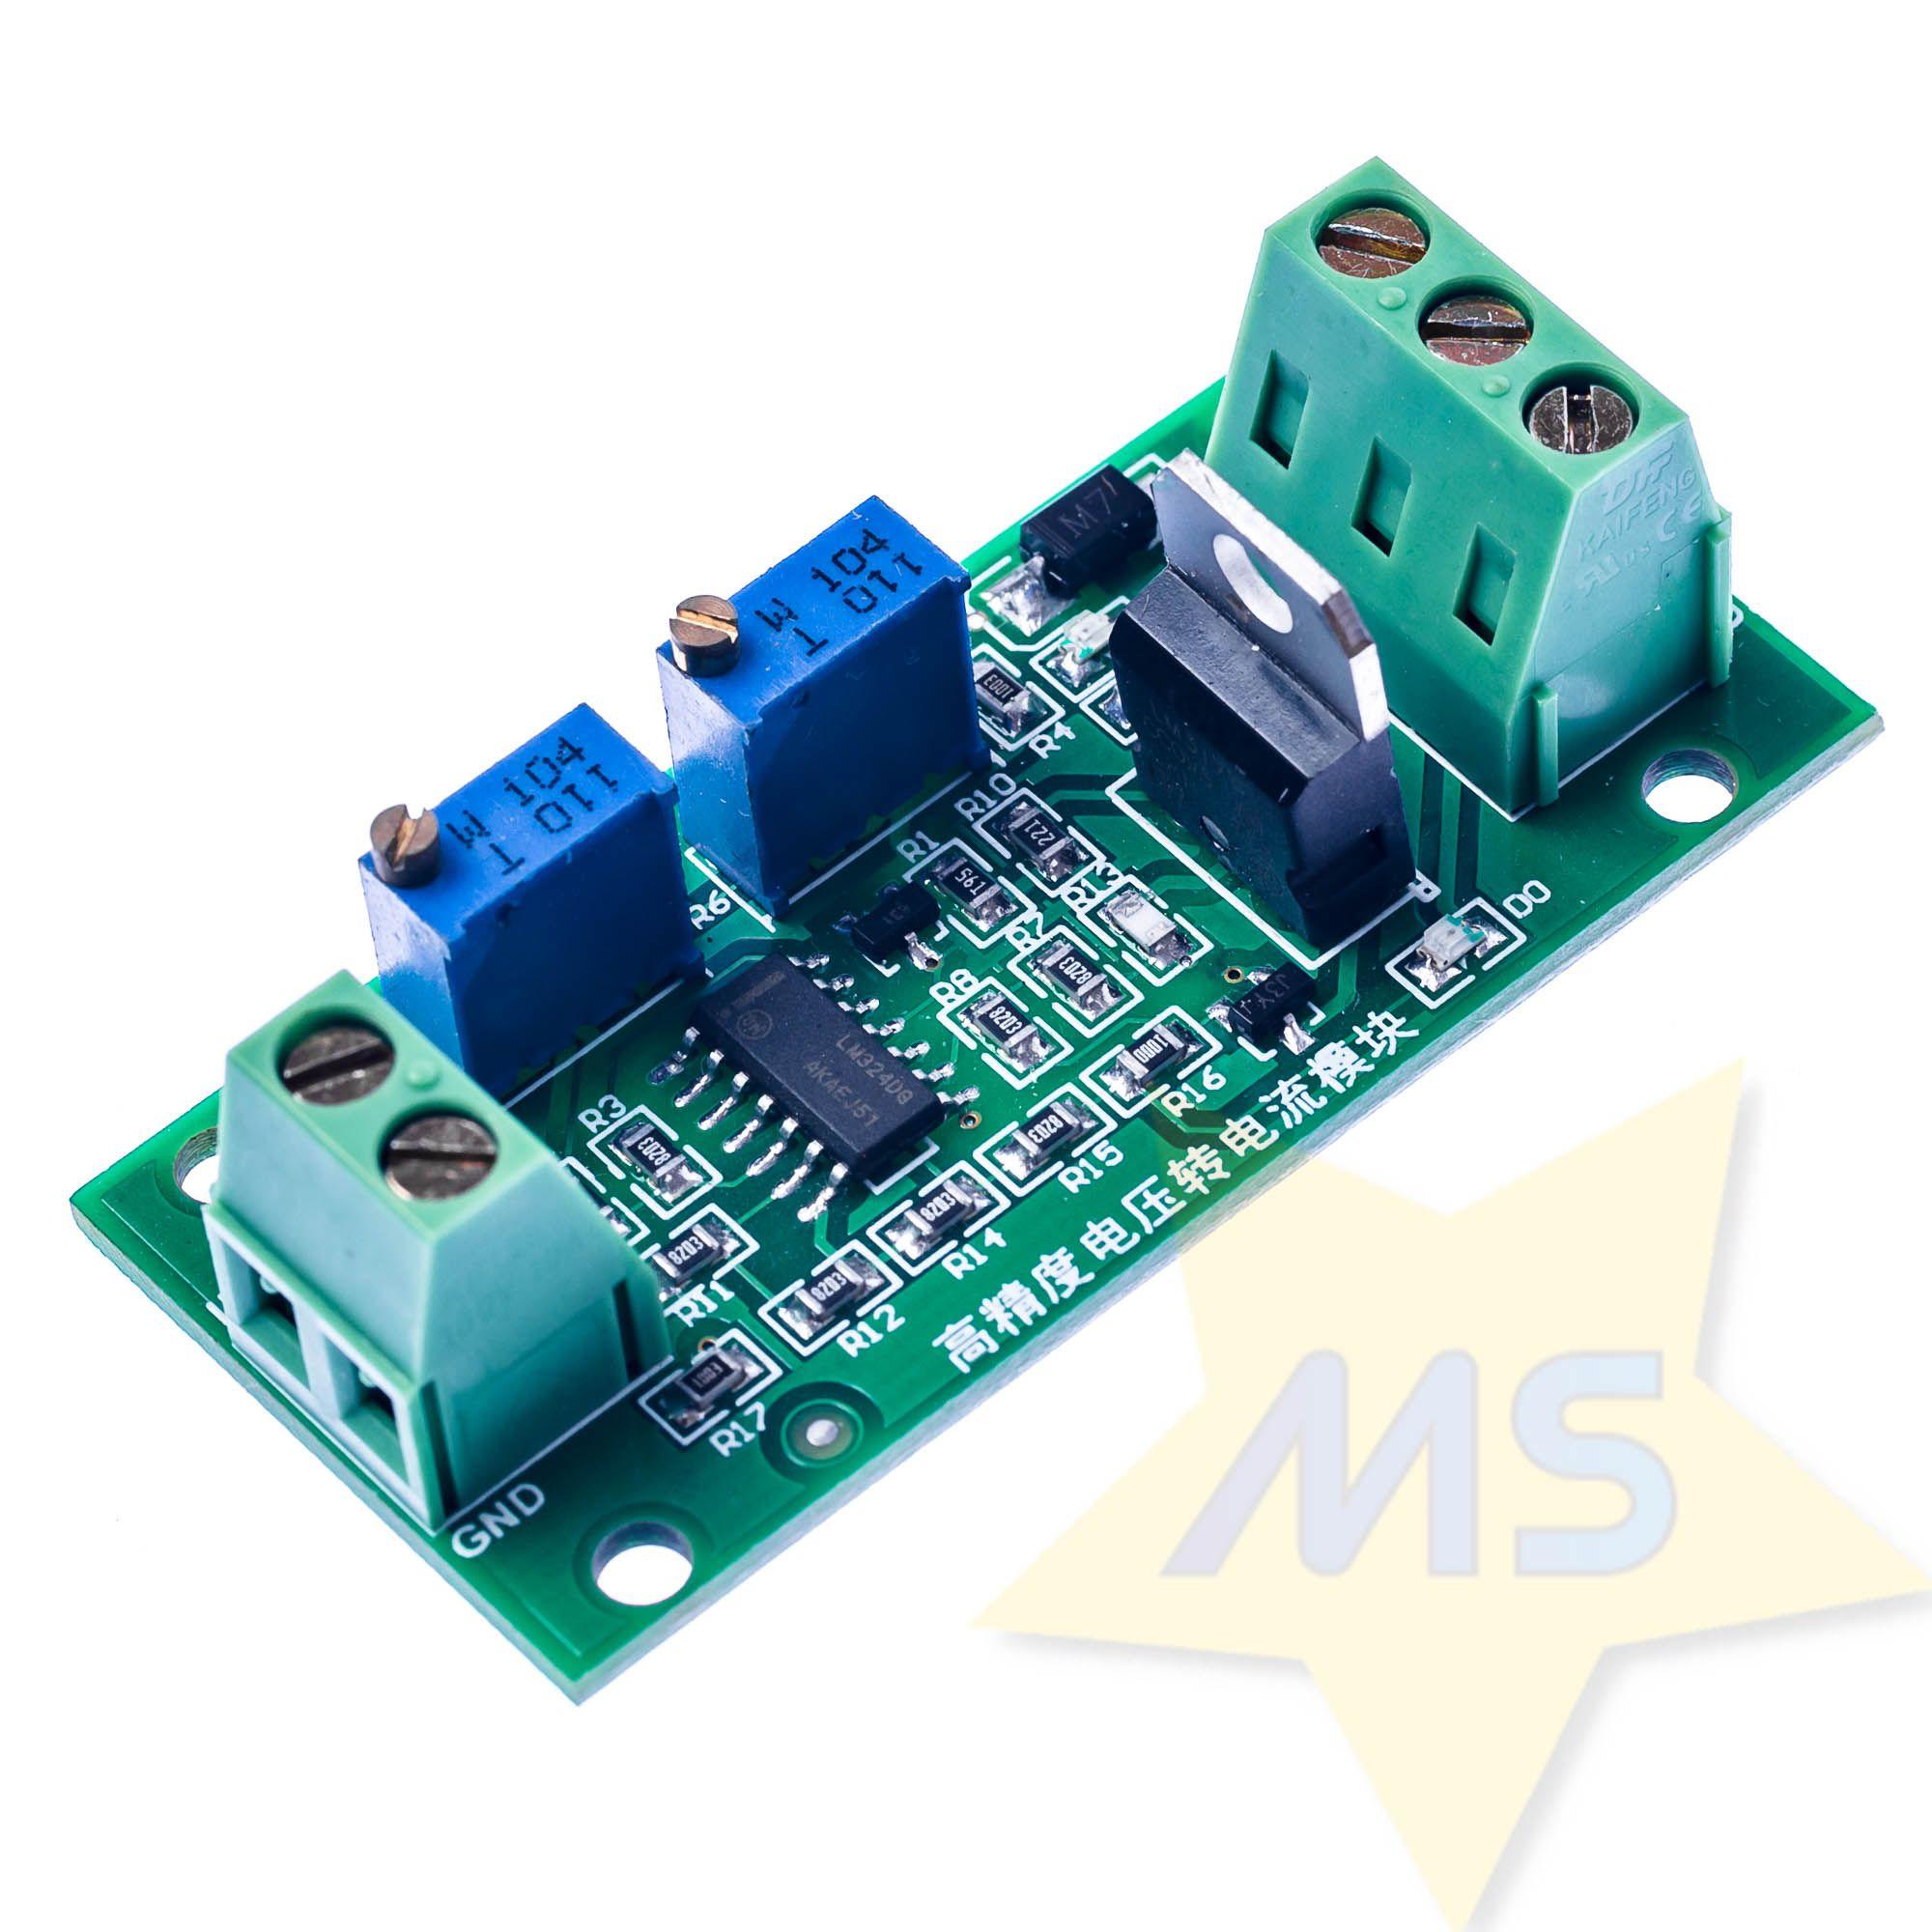 Conversor de tensão 0-10V para   4-20mA